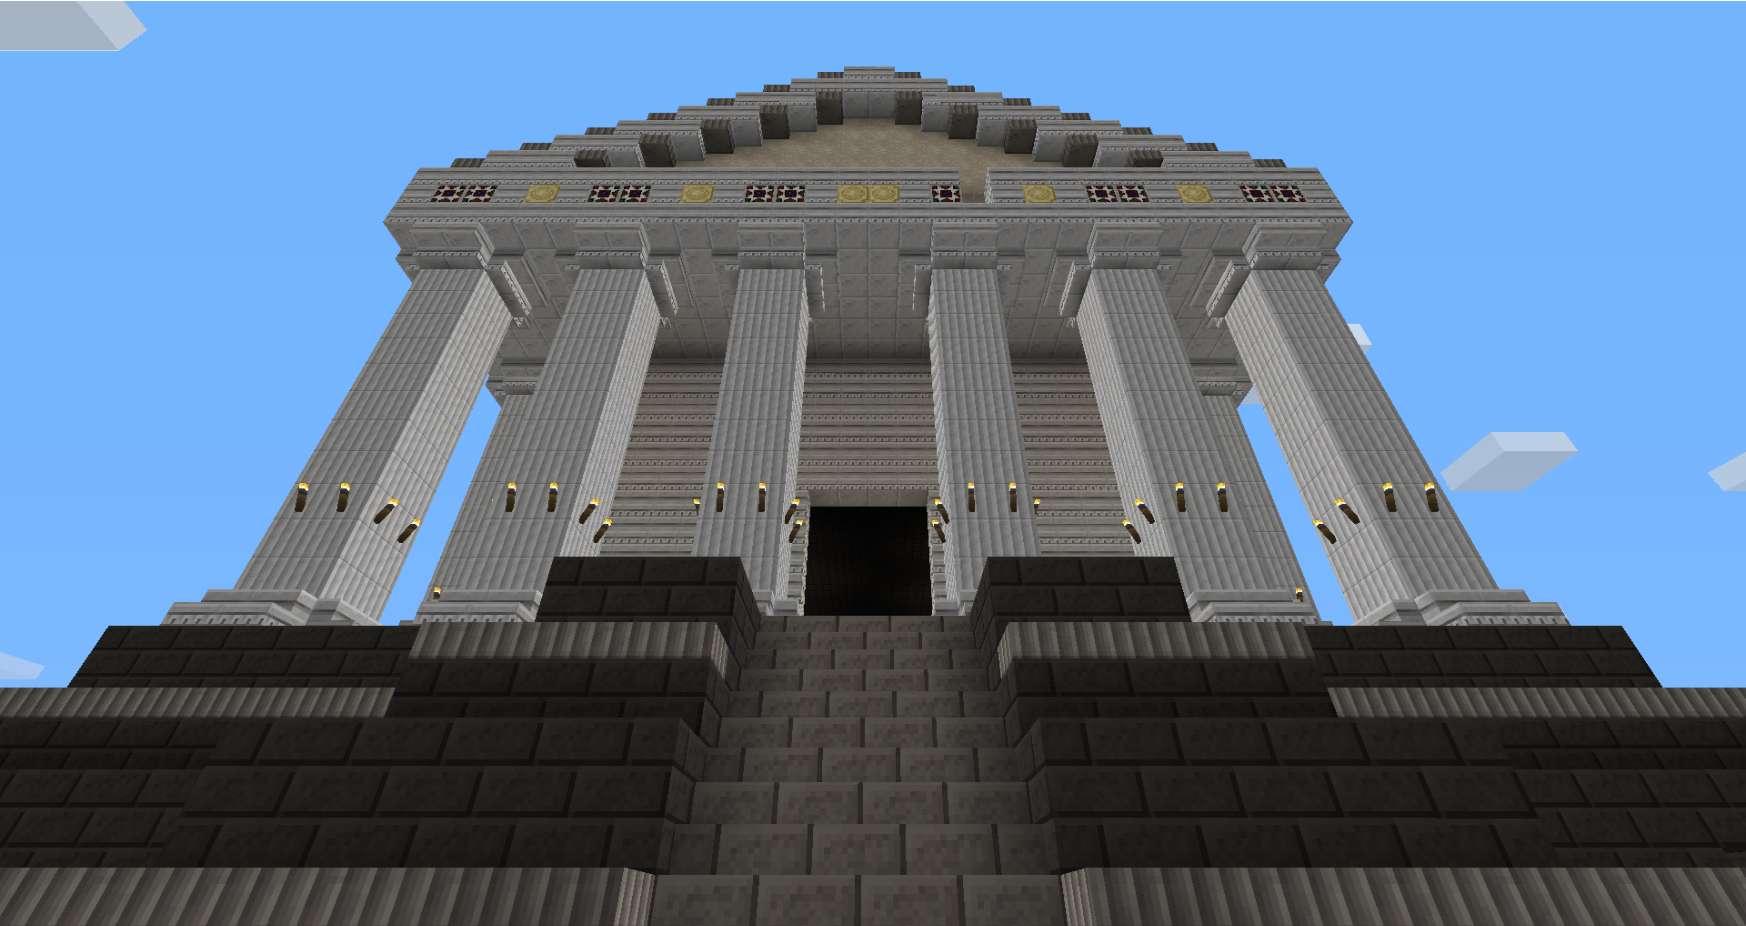 Minecraft haus inneneinrichtung just another wordpress - Minecraft inneneinrichtung ...